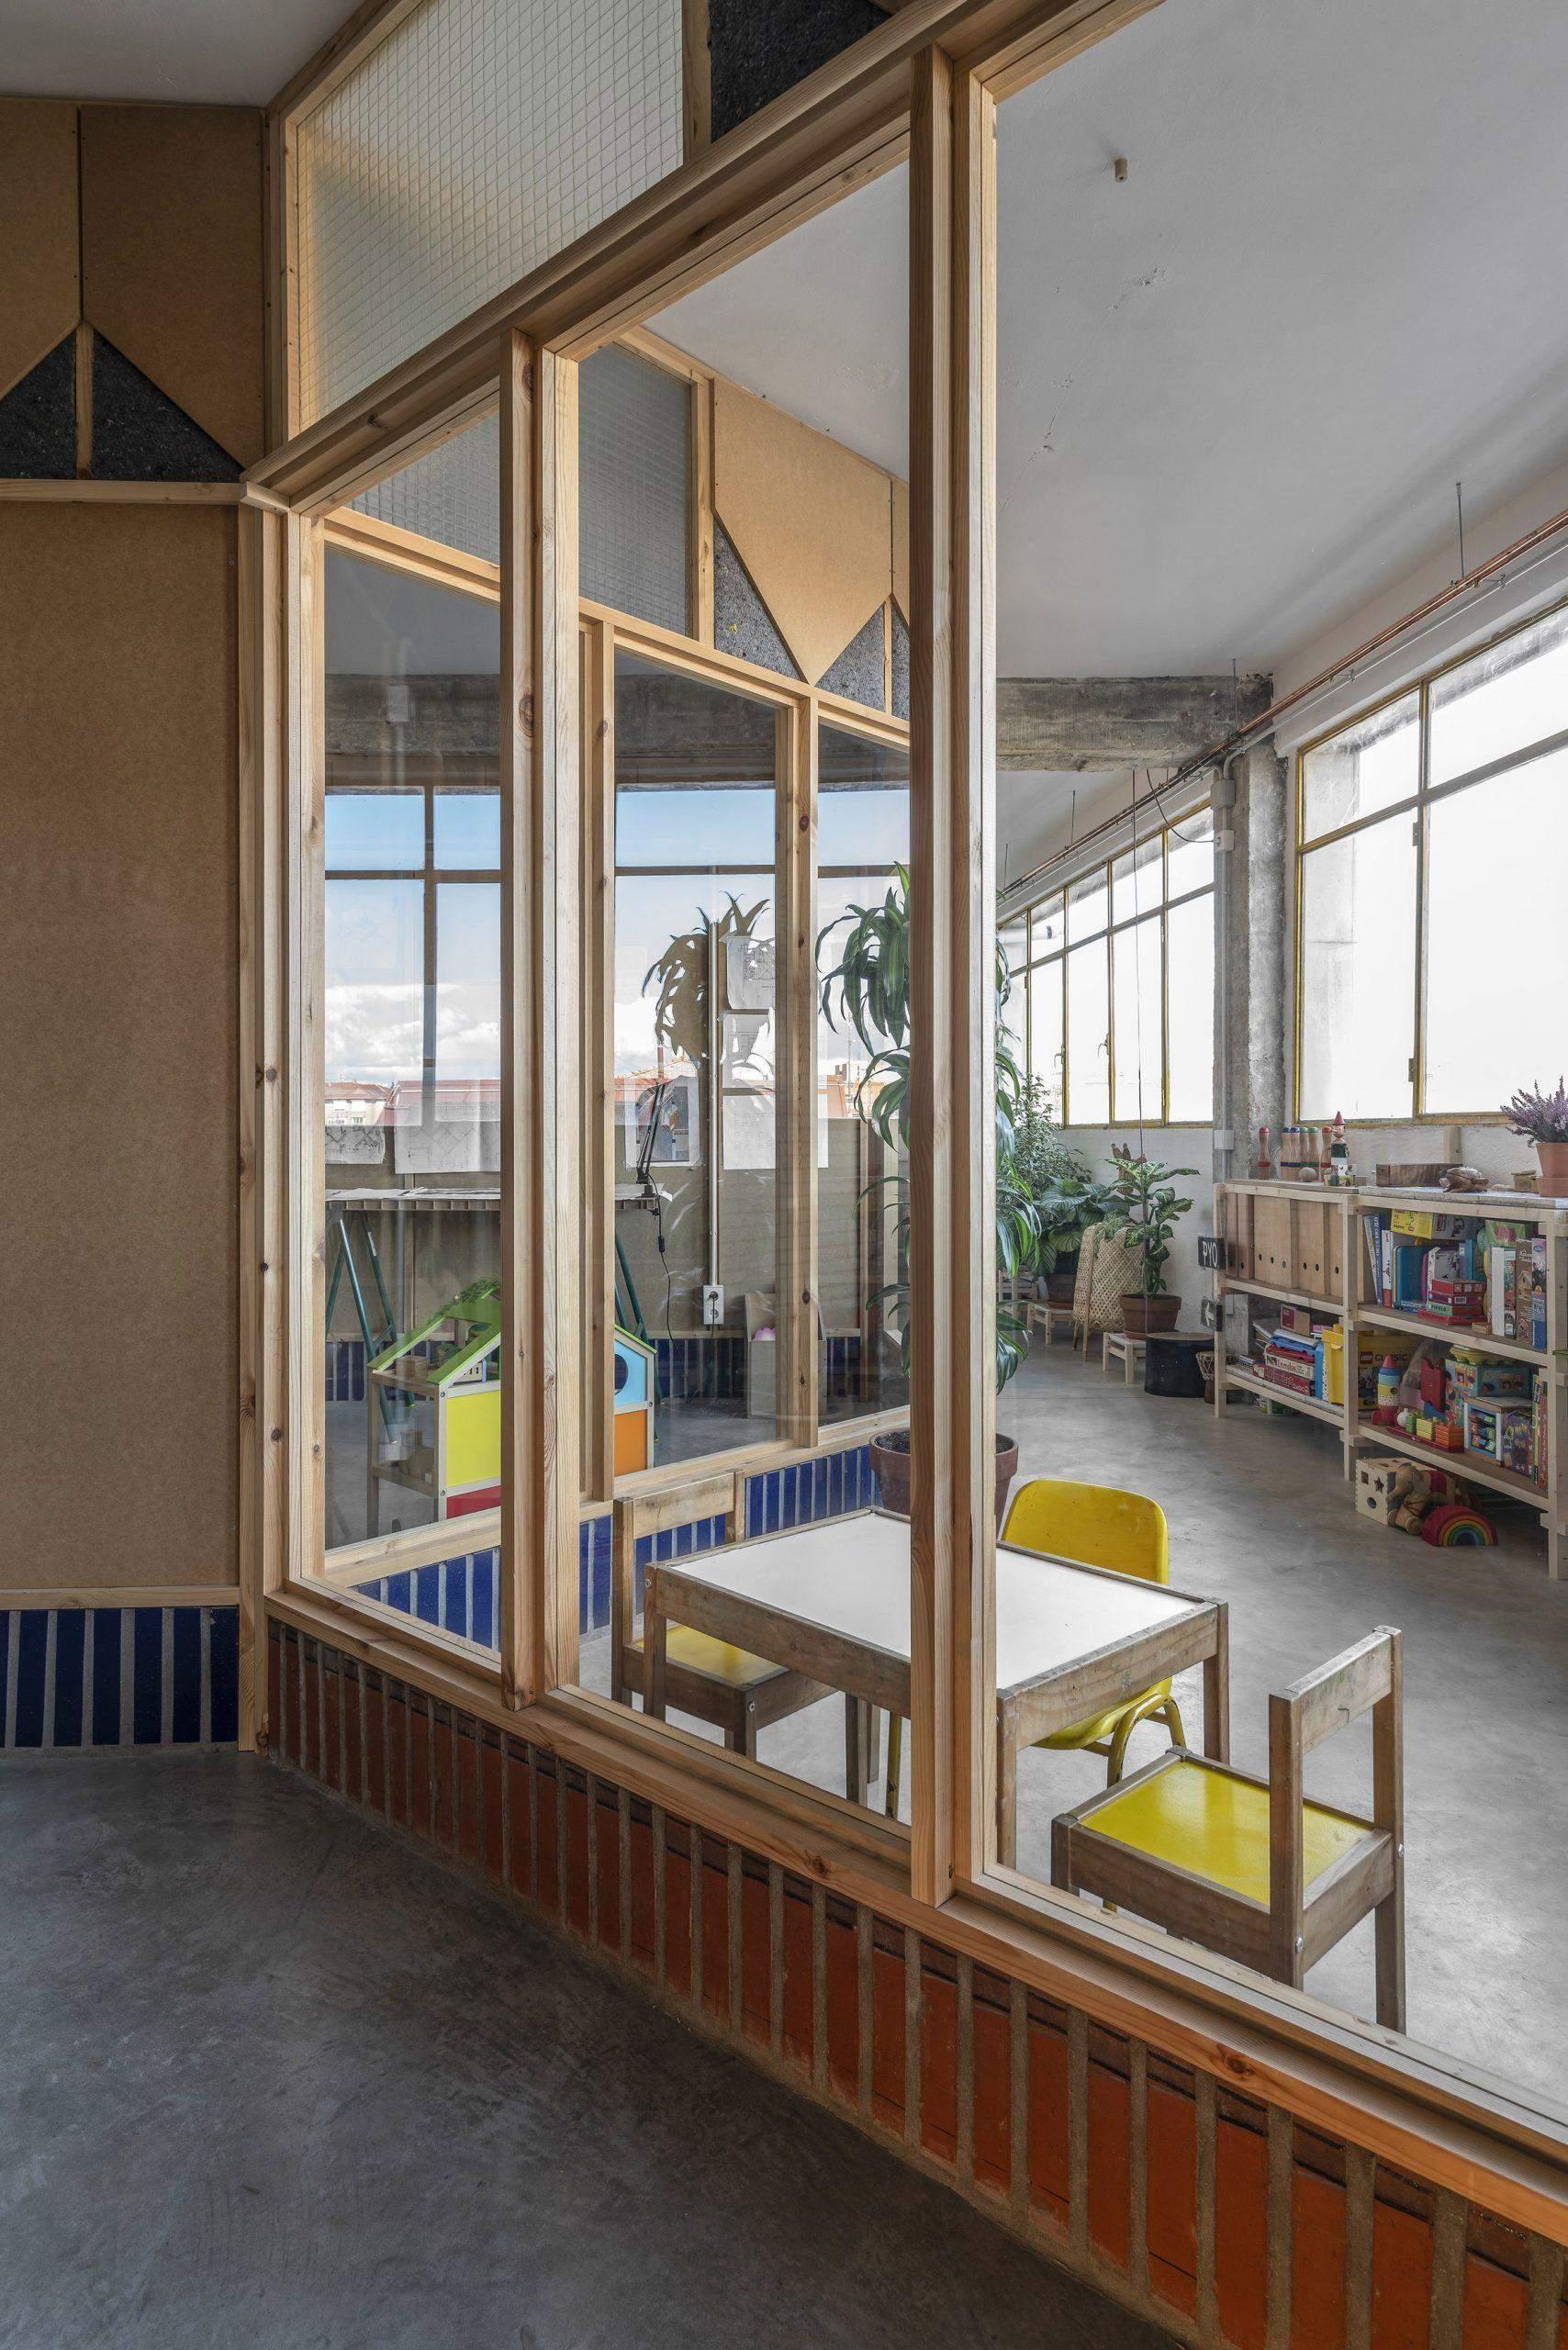 Дитяча кімната розташована біля стіни з вікнами